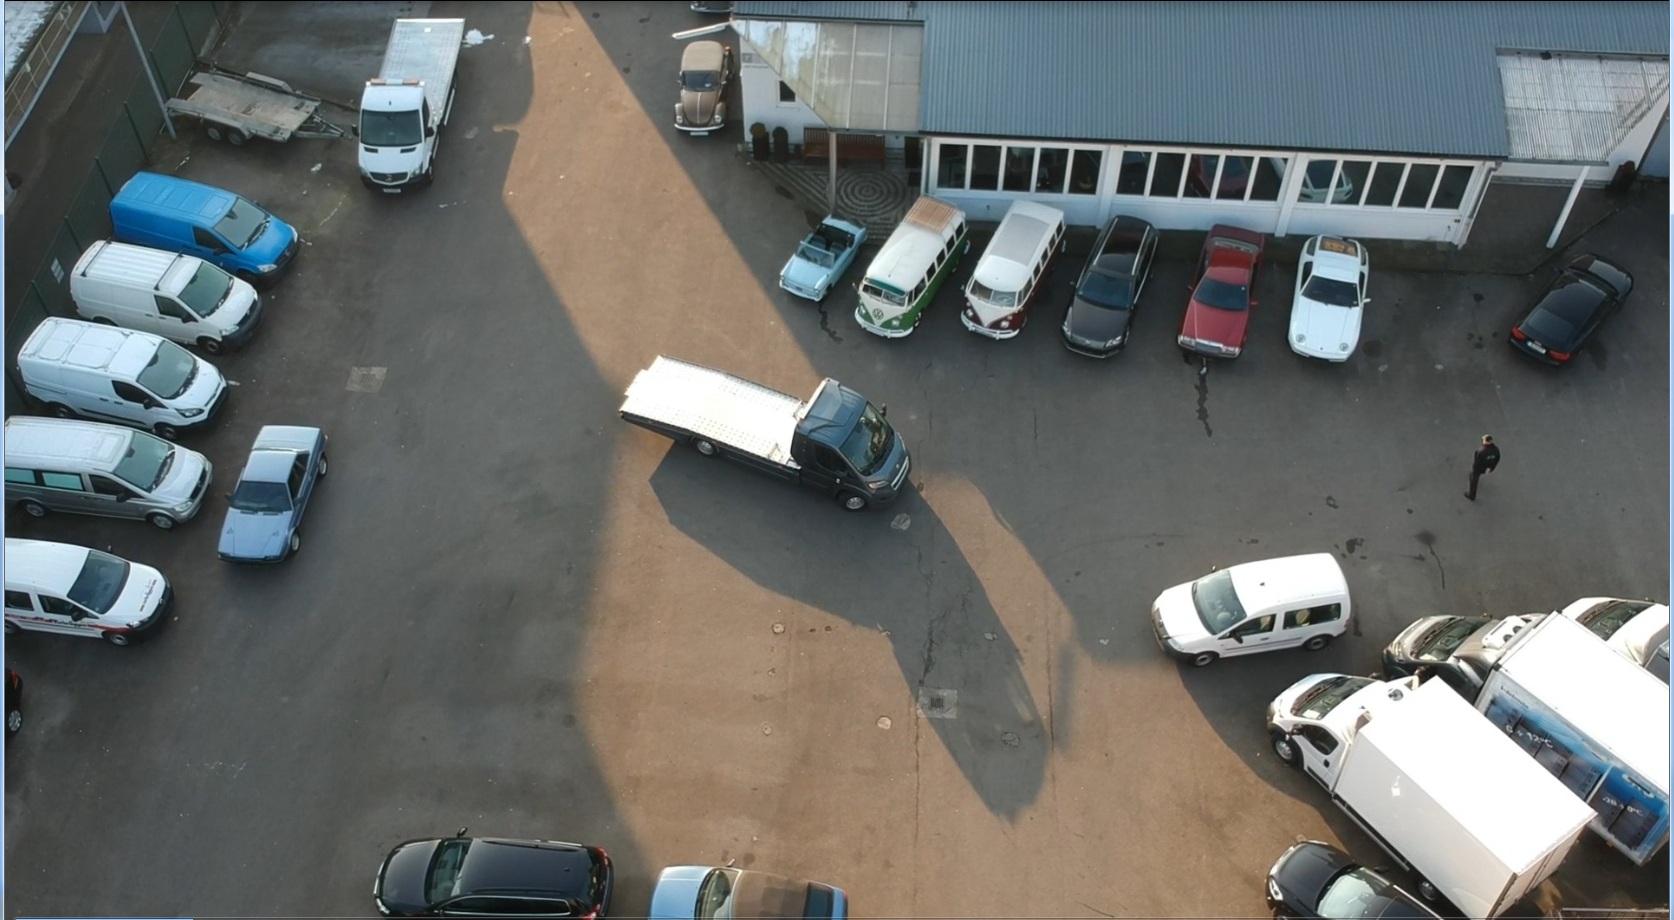 Tipps für den Gebrauchtwagenkauf - Worauf sollte man achten?